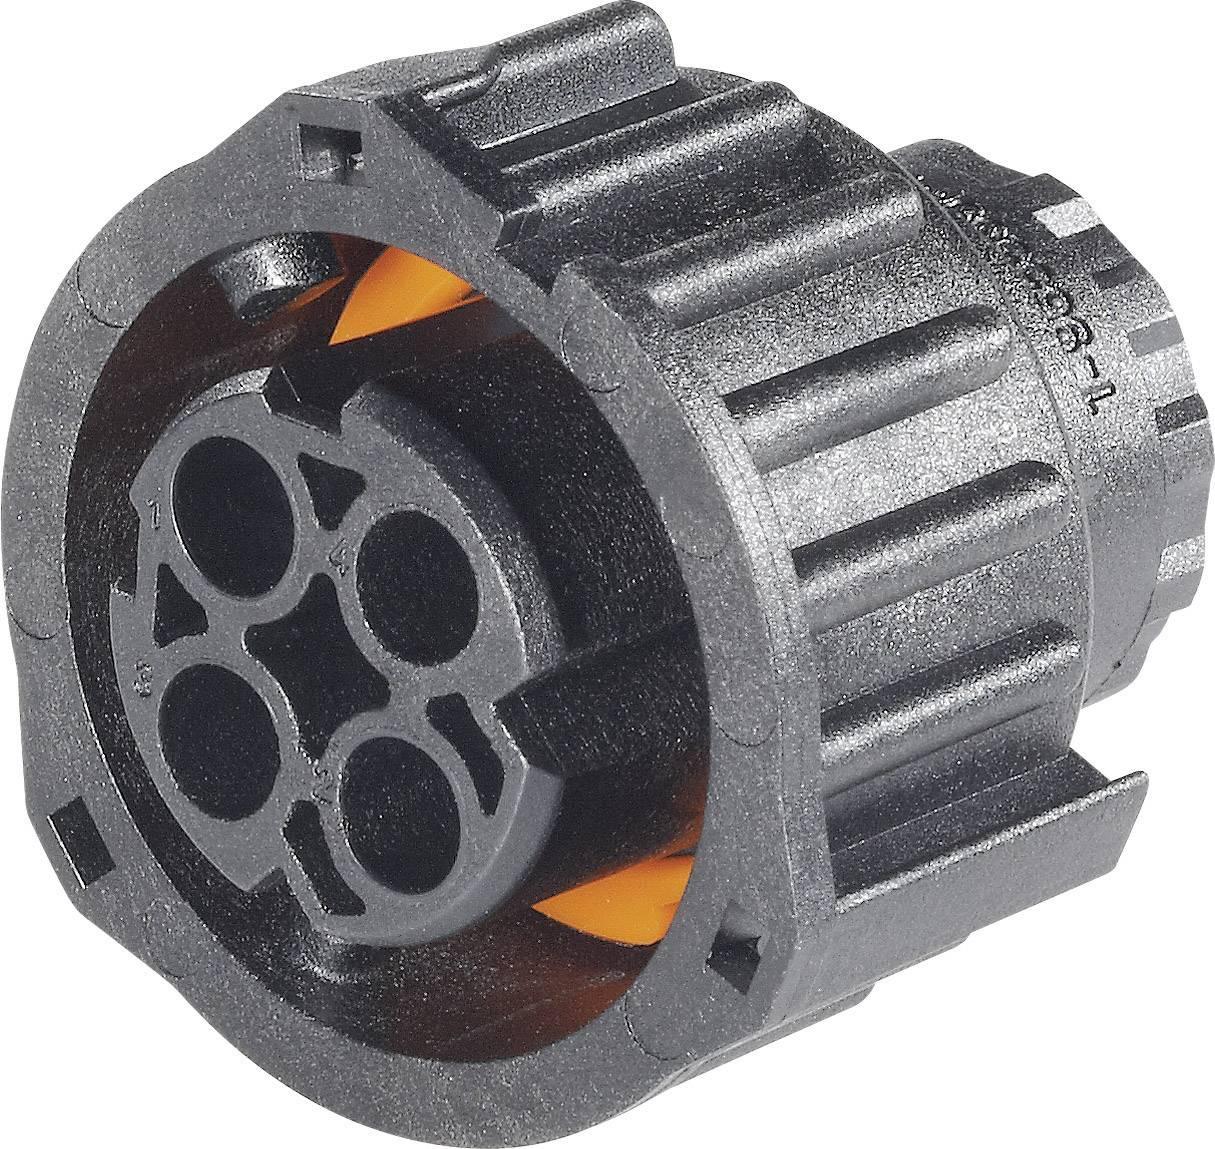 Kulatá propojka TE Connectivity AMP DIN 72585 (1-968968-3), zásuvka rovná, IP69/IP69K